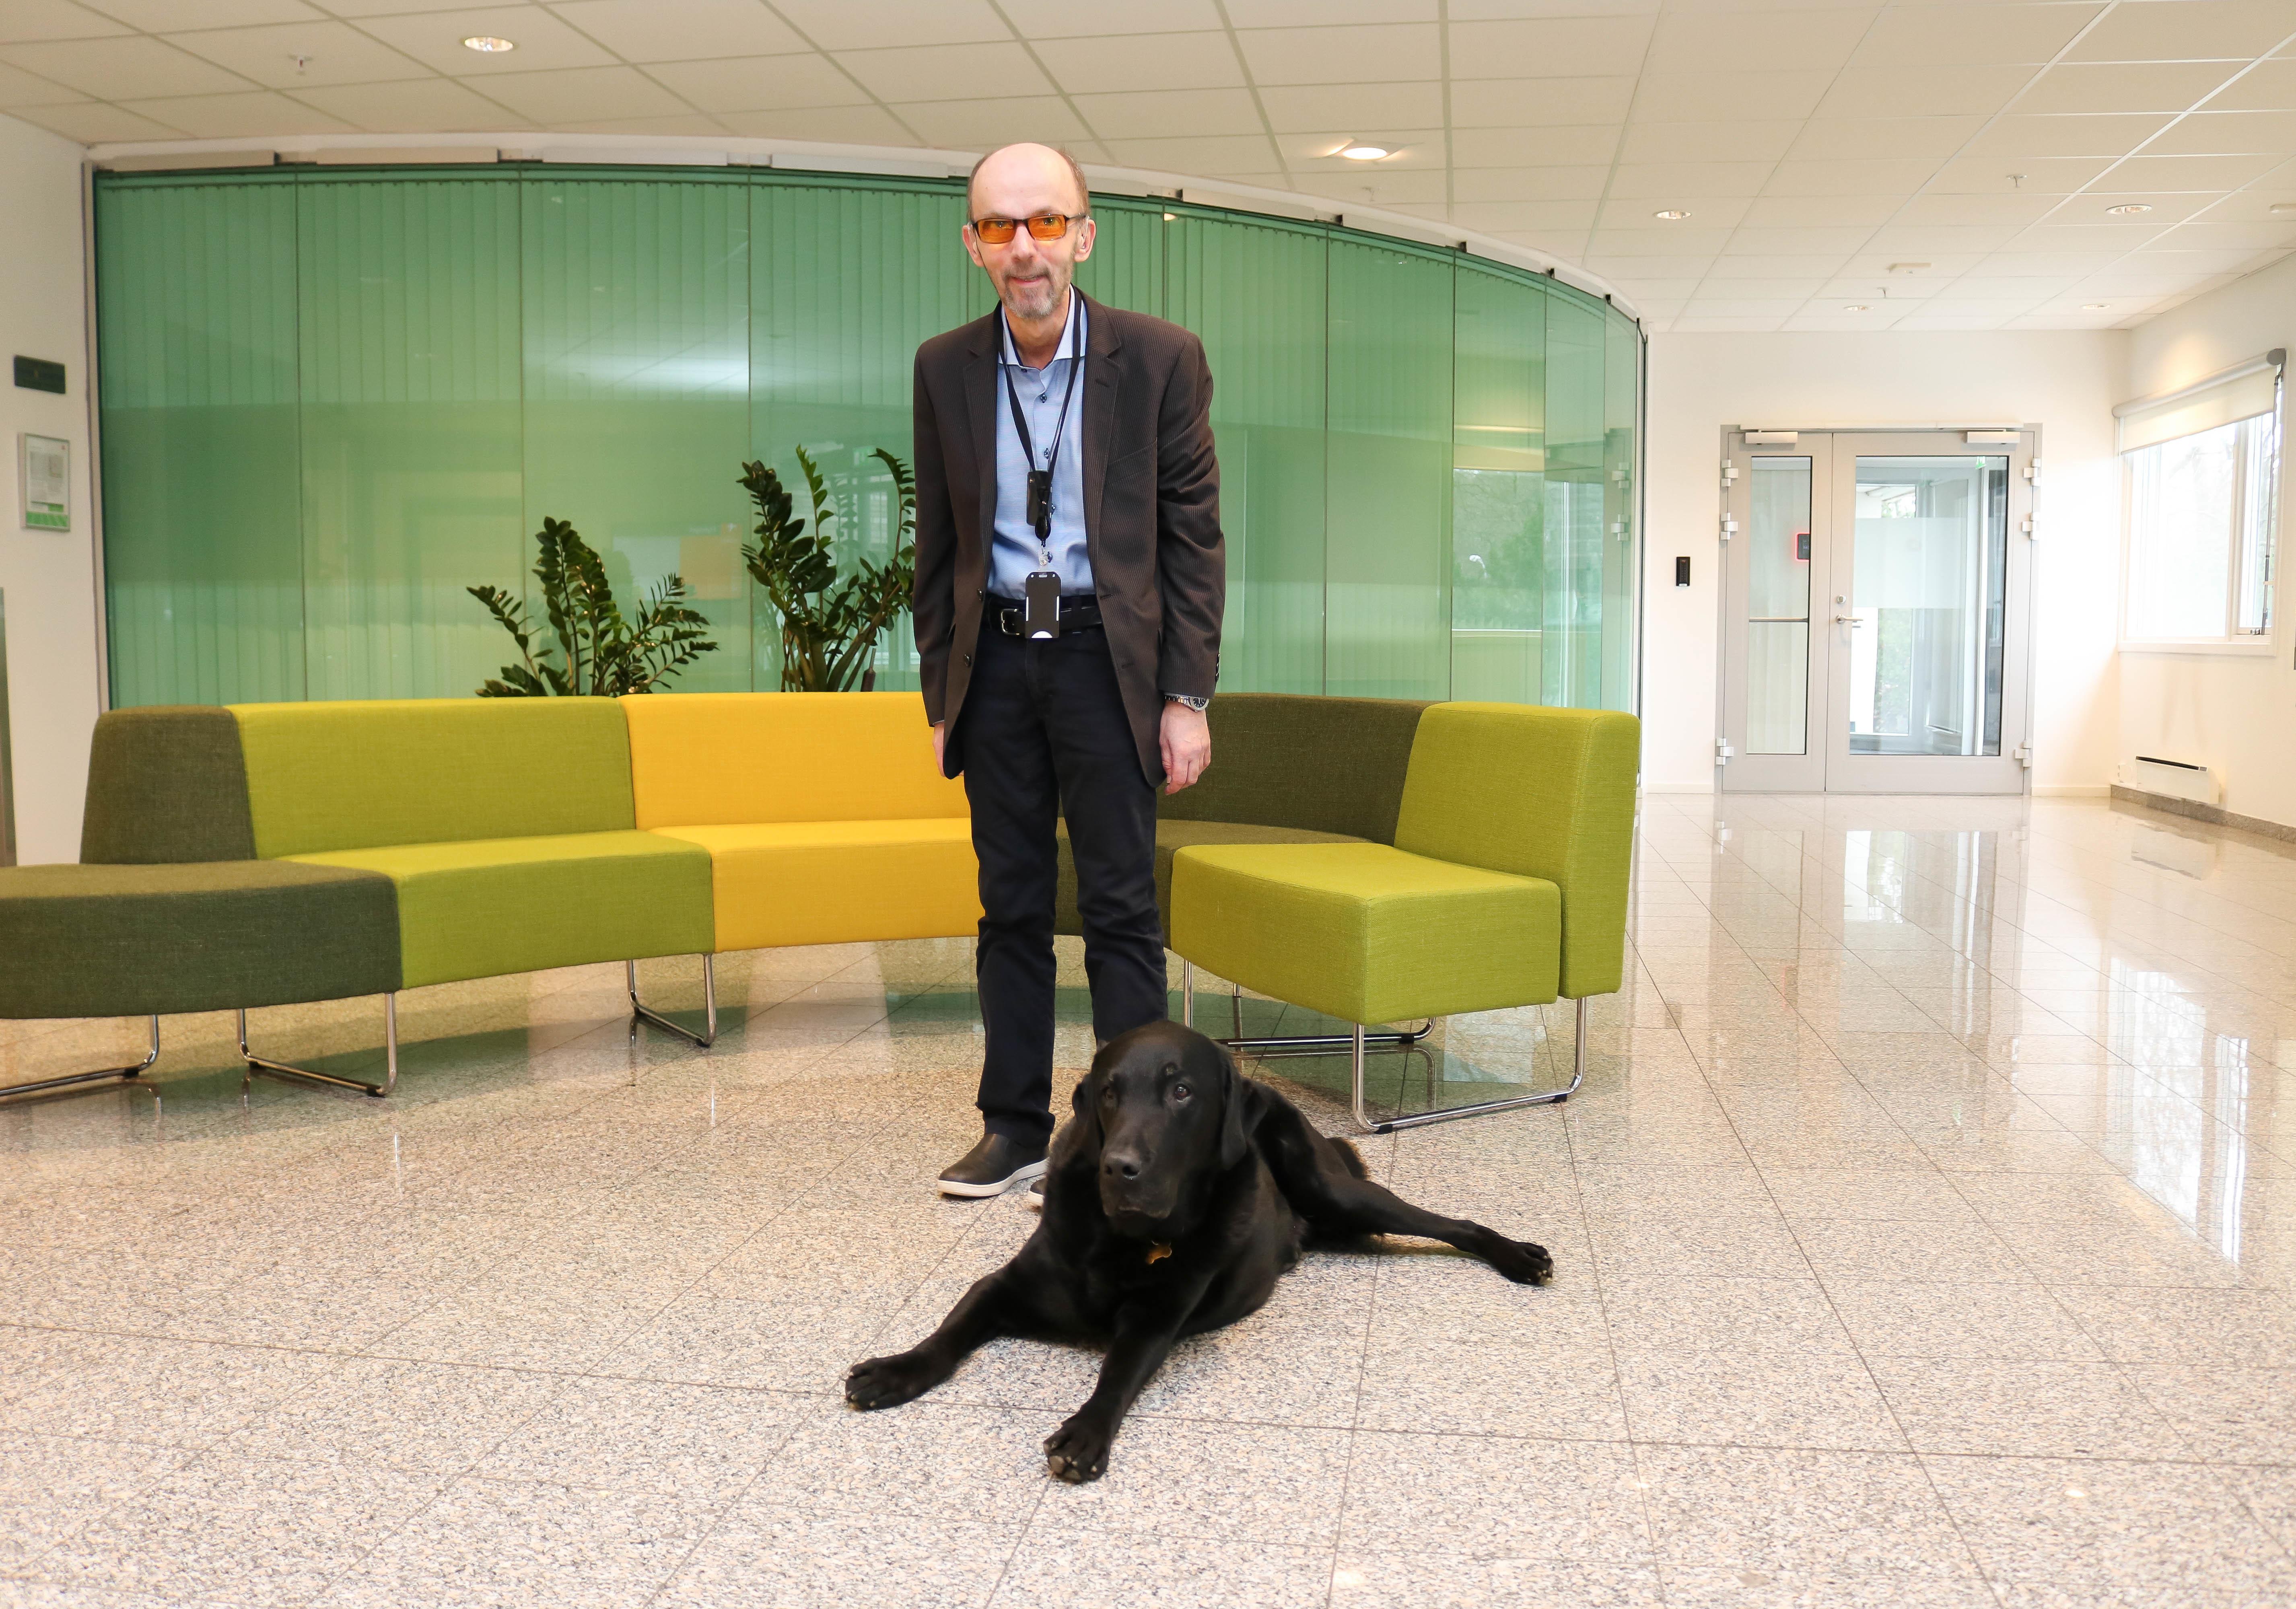 Mann med oransje filterbriller og liggende svart hund i åpent resepsjonslokale.